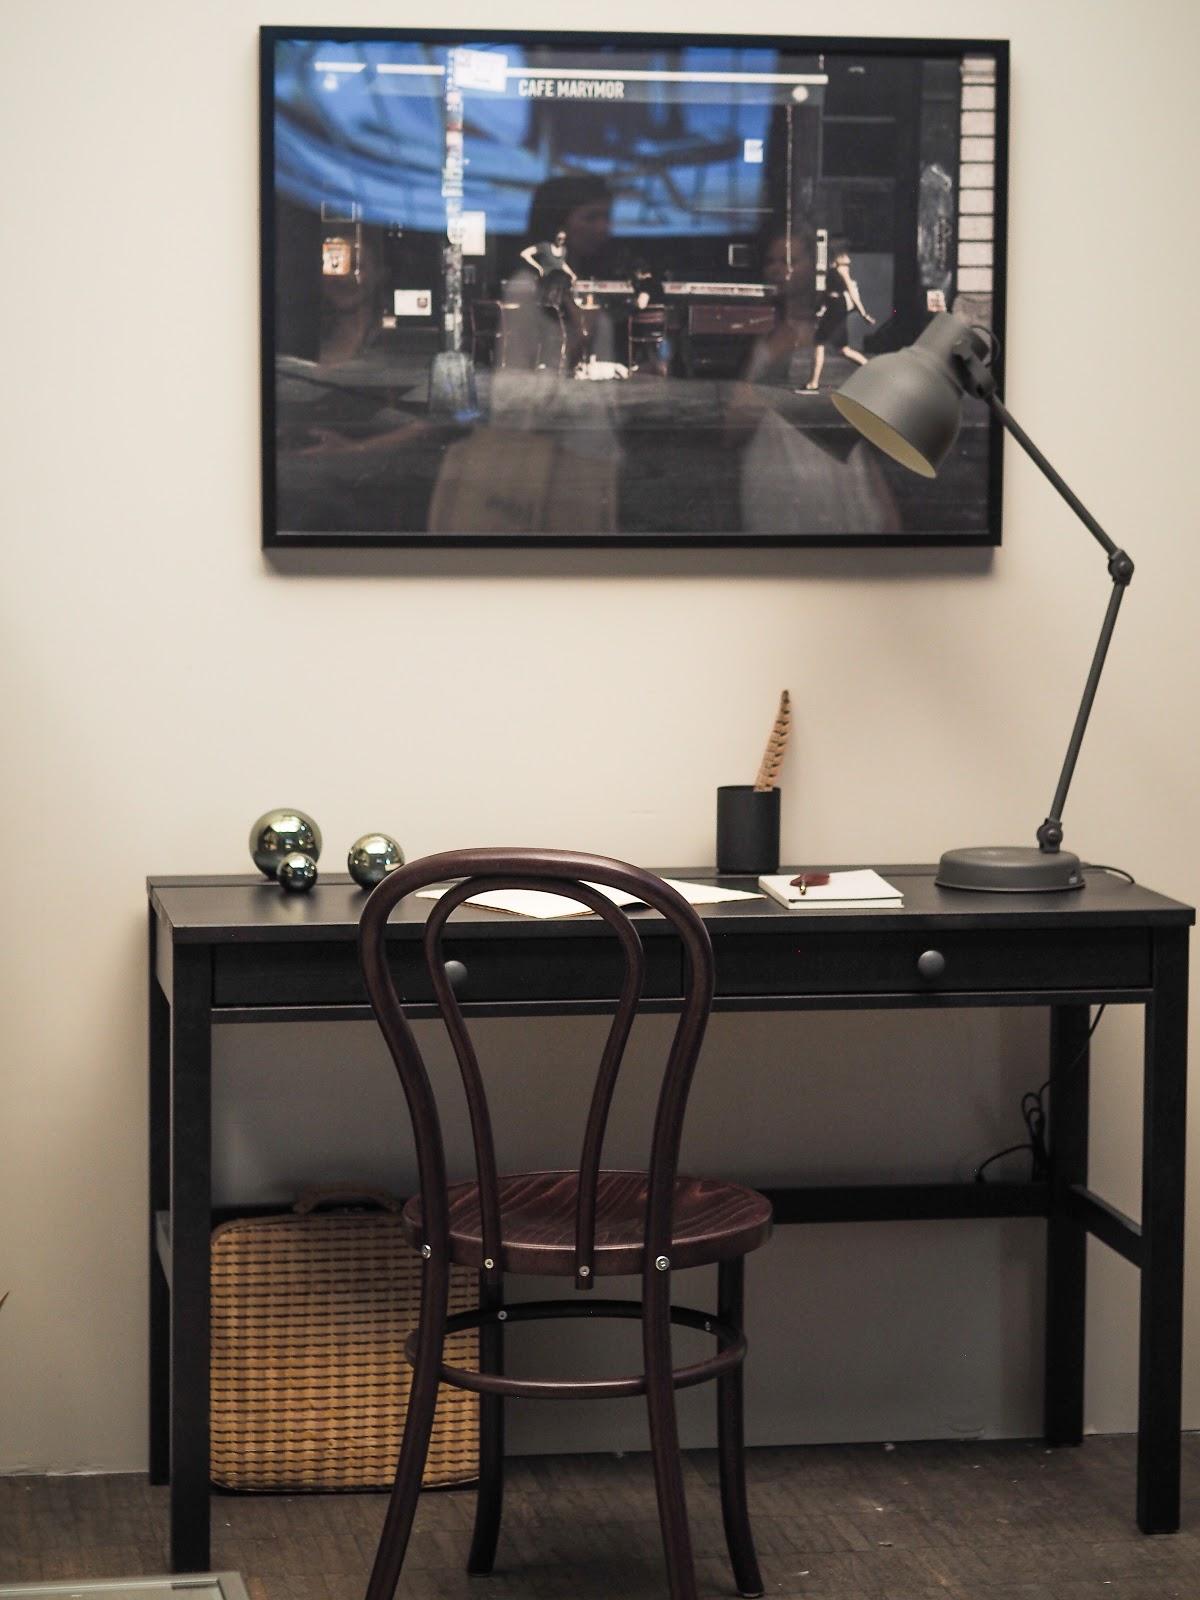 Yhden aikakauden loppu: Ikean legendaarinen kuvasto muuttuu – samalla katkeaa vuosikymmenten perinne